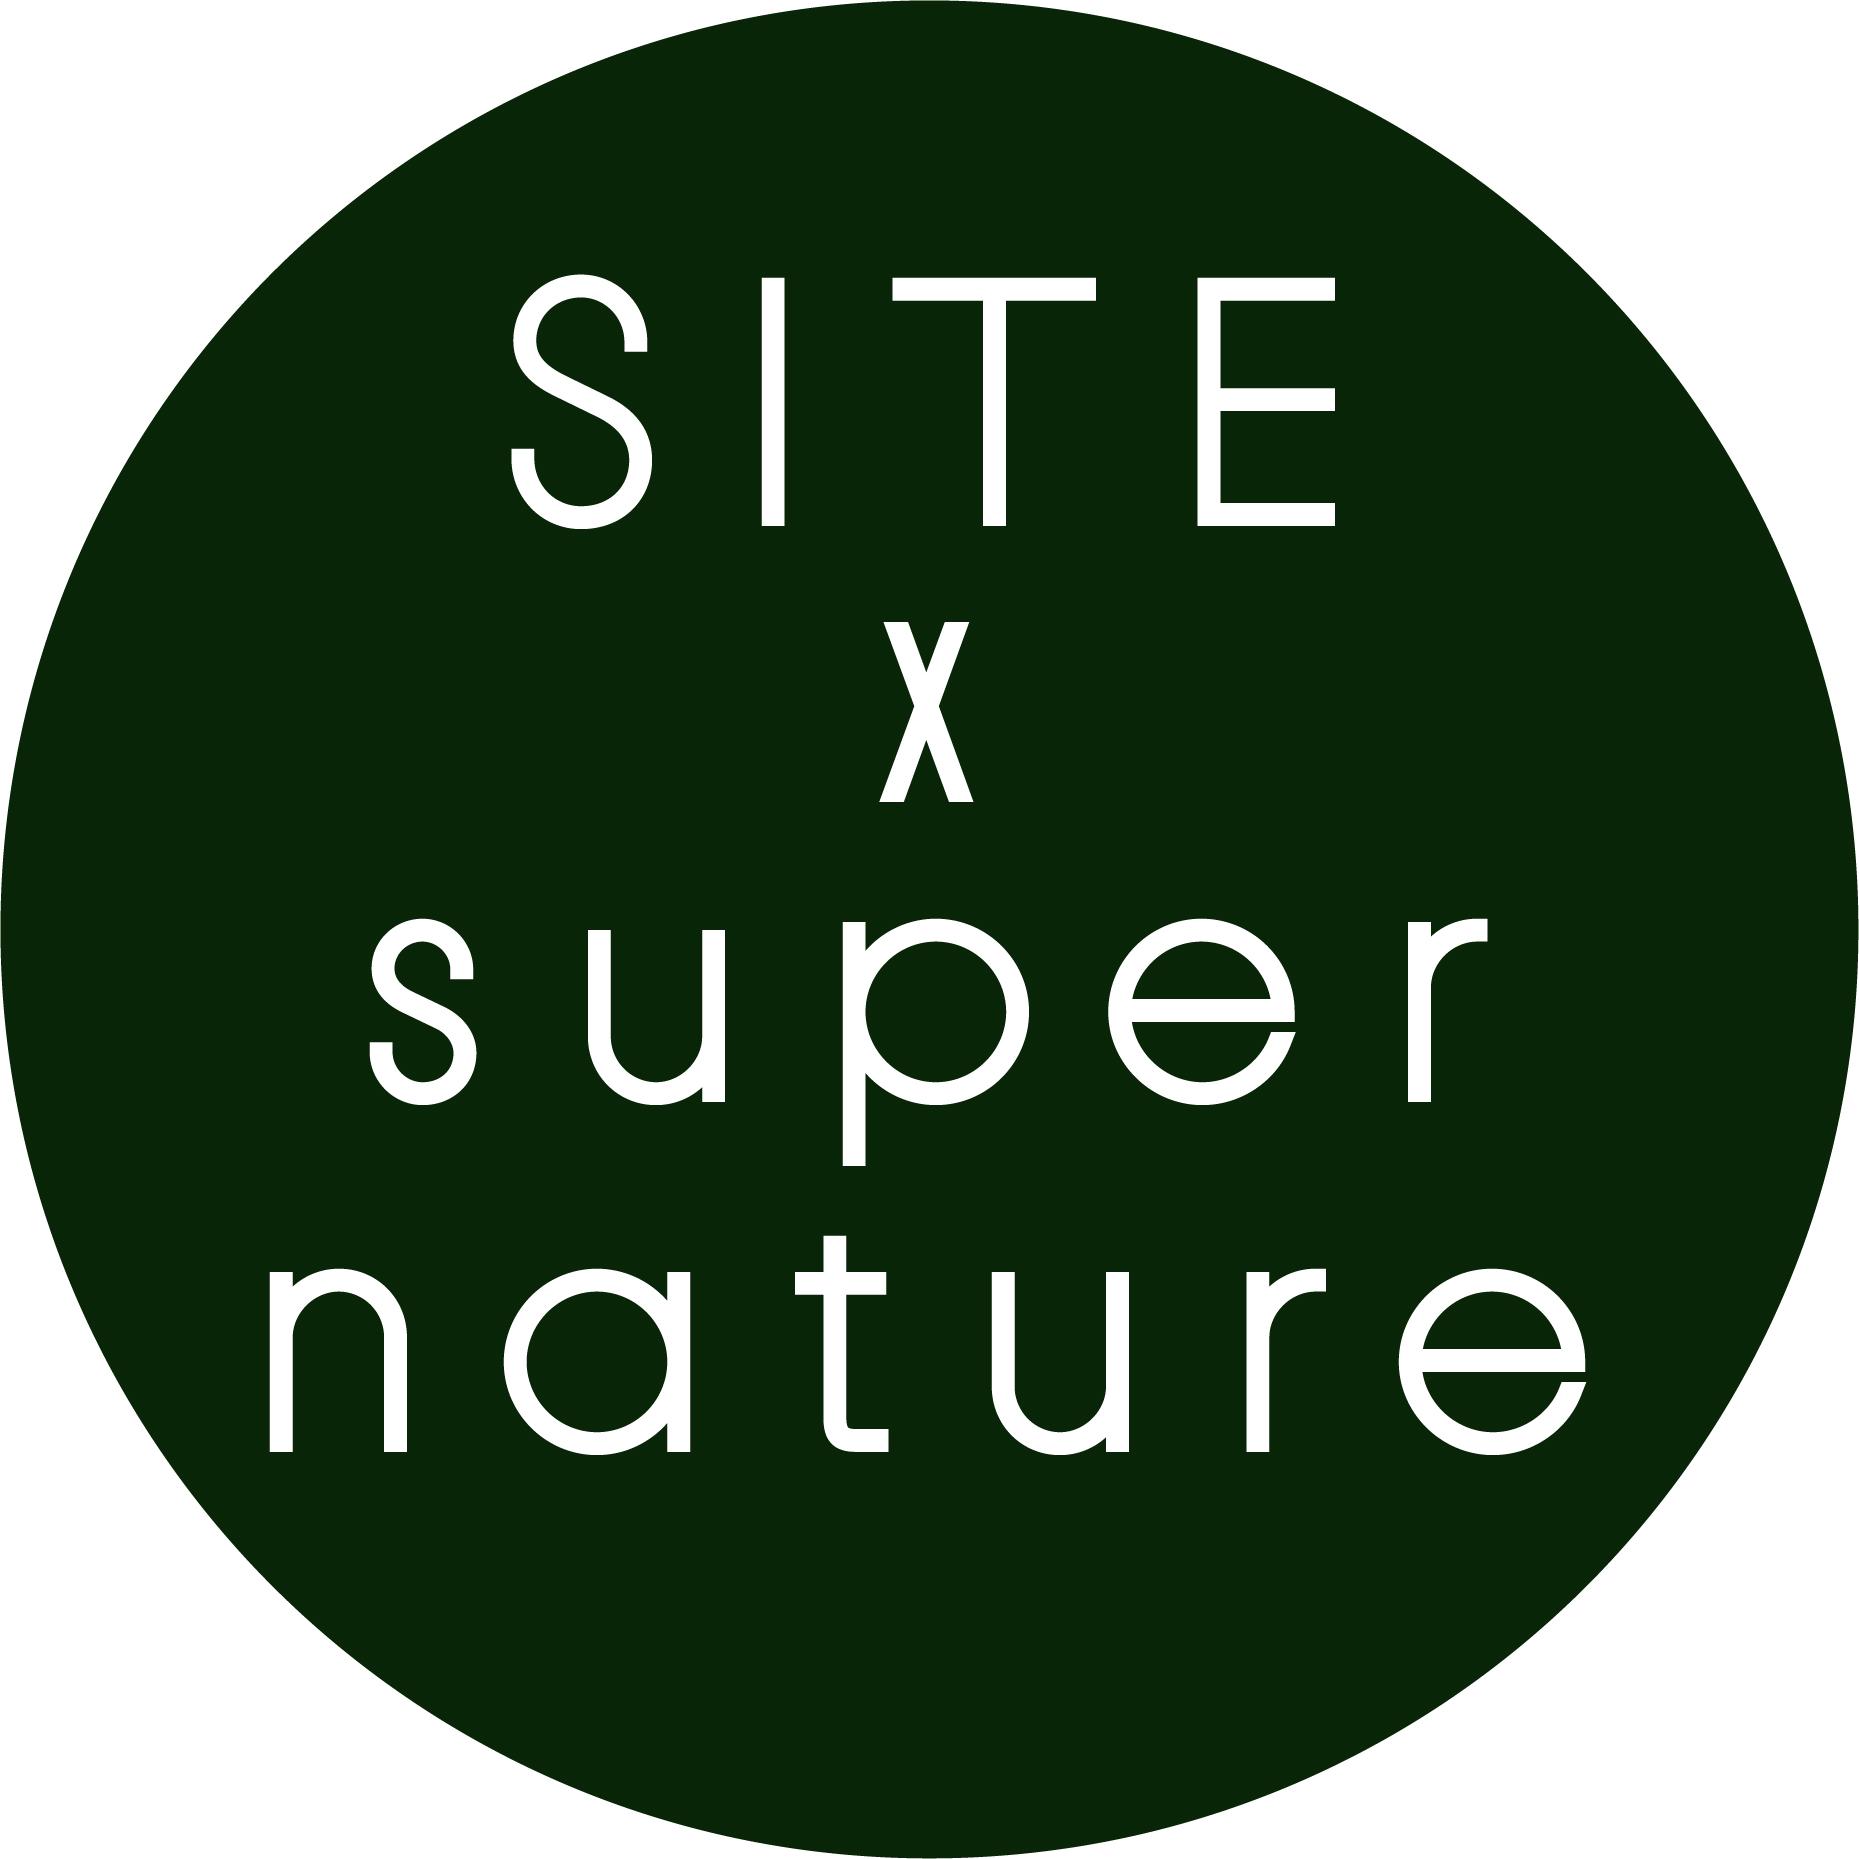 SITE x supernature